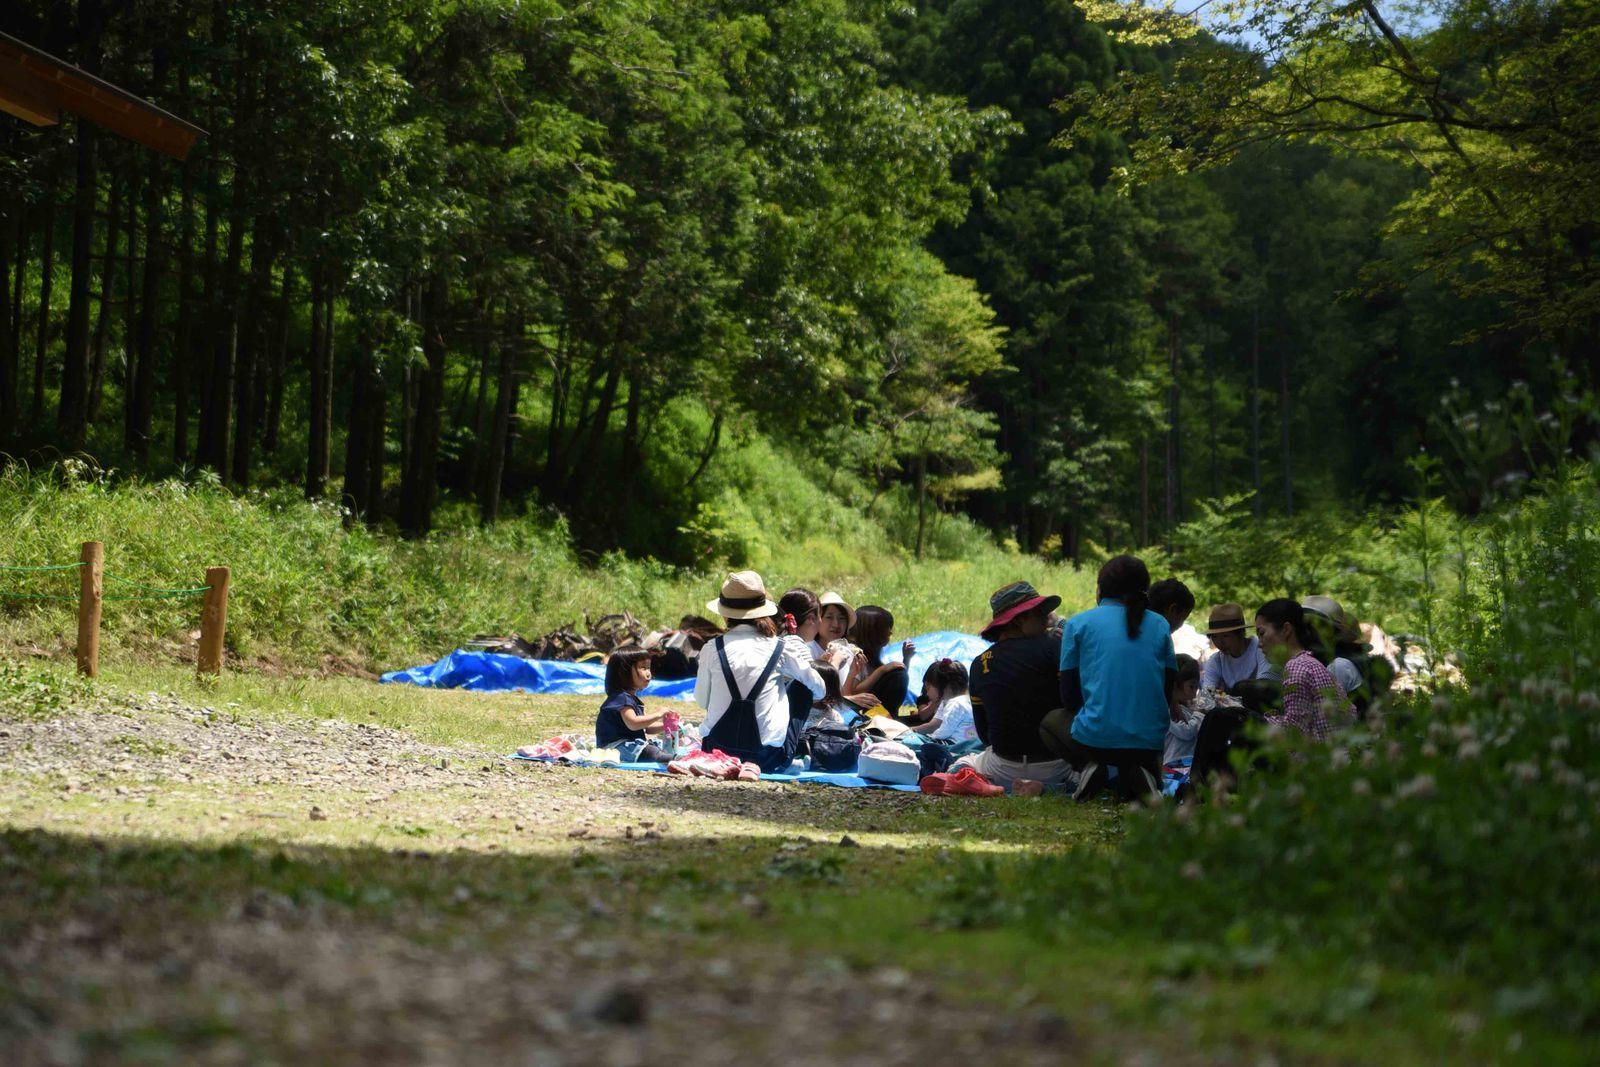 「森のようちえん」では、子どもたちは親と離れて森へ入る